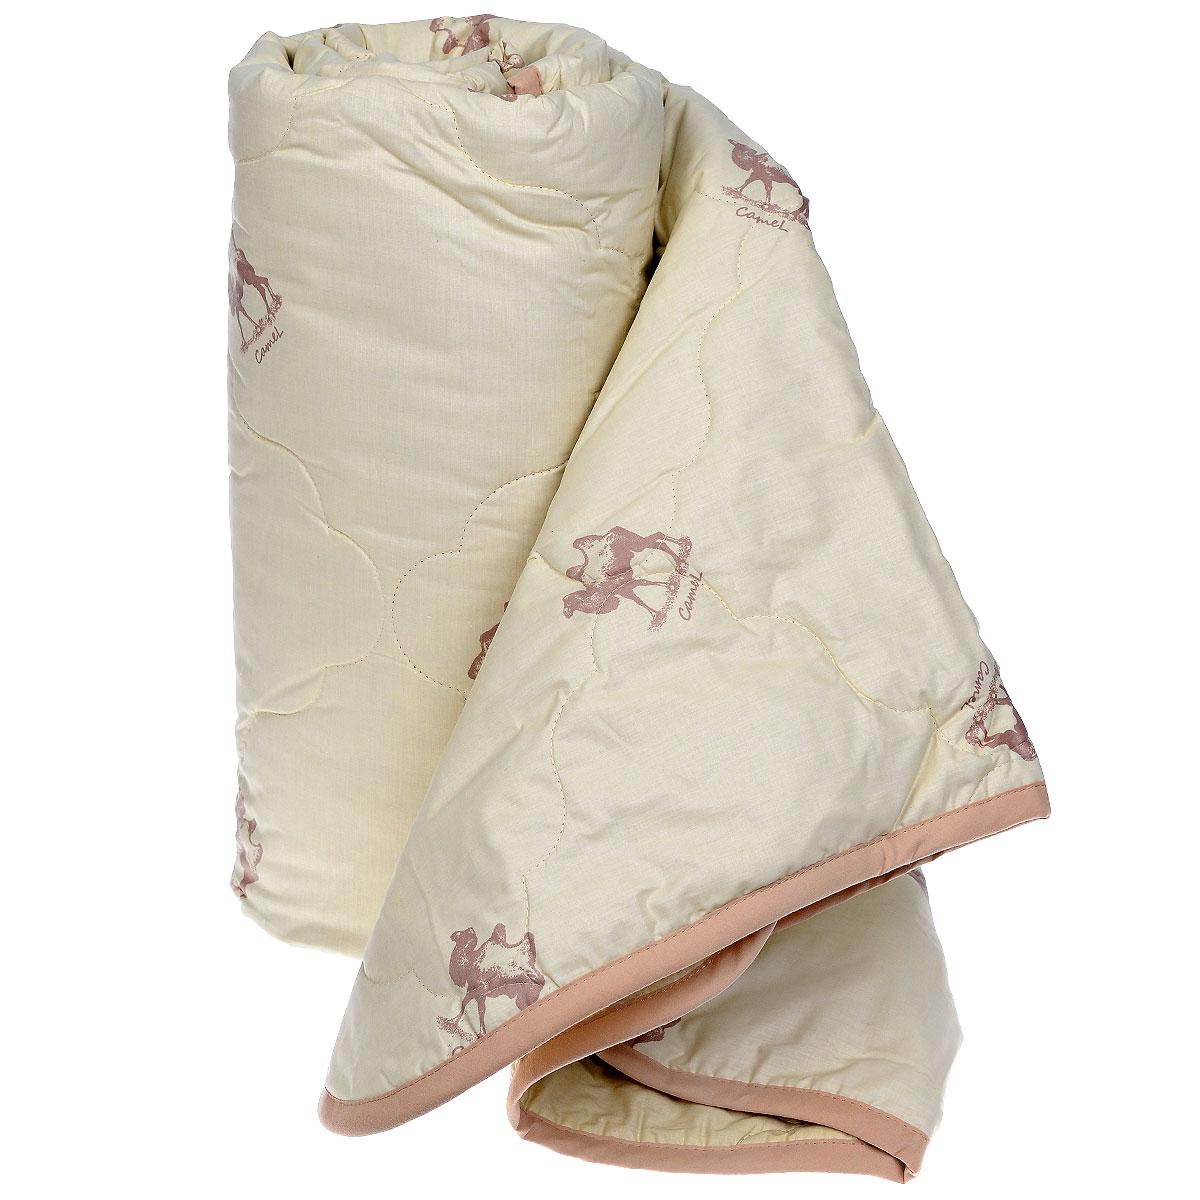 Одеяло Sova & Javoronok, наполнитель: верблюжья шерсть, цвет: бежевый, 200 х 220 см96281389Чехол одеяла Sova & Javoronok выполнен из высококачественного плотного материала тик (100% хлопок). Наполнитель одеяла изготовлен из верблюжьей шерсти. Стежка надежно удерживает наполнитель внутри и не позволяет ему скатываться. Особенности наполнителя:- исключительные терморегулирующие свойства;- высокое качество прочеса и промывки шерсти;- великолепные ощущения комфорта и уюта. Верблюжья шерсть обладает целебными качествами, содержит наиболее высокий процент ланолина (животного воска), который является природным антисептиком и благоприятно воздействует на организм по целому ряду показателей: оказывает благотворное действие на мышцы, суставы, позвоночник, нормализует кровообращение, имеет профилактический эффект при заболевания опорно-двигательного аппарата. Кроме того, верблюжья шерсть антистатична. Шерсть верблюда сохраняет прохладу в период жаркого лета и удерживает тепло во время суровой зимы. Одеяло упакована в прозрачный пластиковый чехол на змейке с ручкой, что является чрезвычайно удобным при переноске.Рекомендации по уходу:- Стирка запрещена,- Нельзя отбеливать. При стирке не использовать средства, содержащие отбеливатели (хлор),- Не гладить. Не применять обработку паром,- Химчистка с использованием углеводорода, хлорного этилена,- Нельзя выжимать и сушить в стиральной машине. Размер одеяла: 200 см х 220 см. Материал чехла: тик (100% хлопок). Материал наполнителя: верблюжья шерсть.